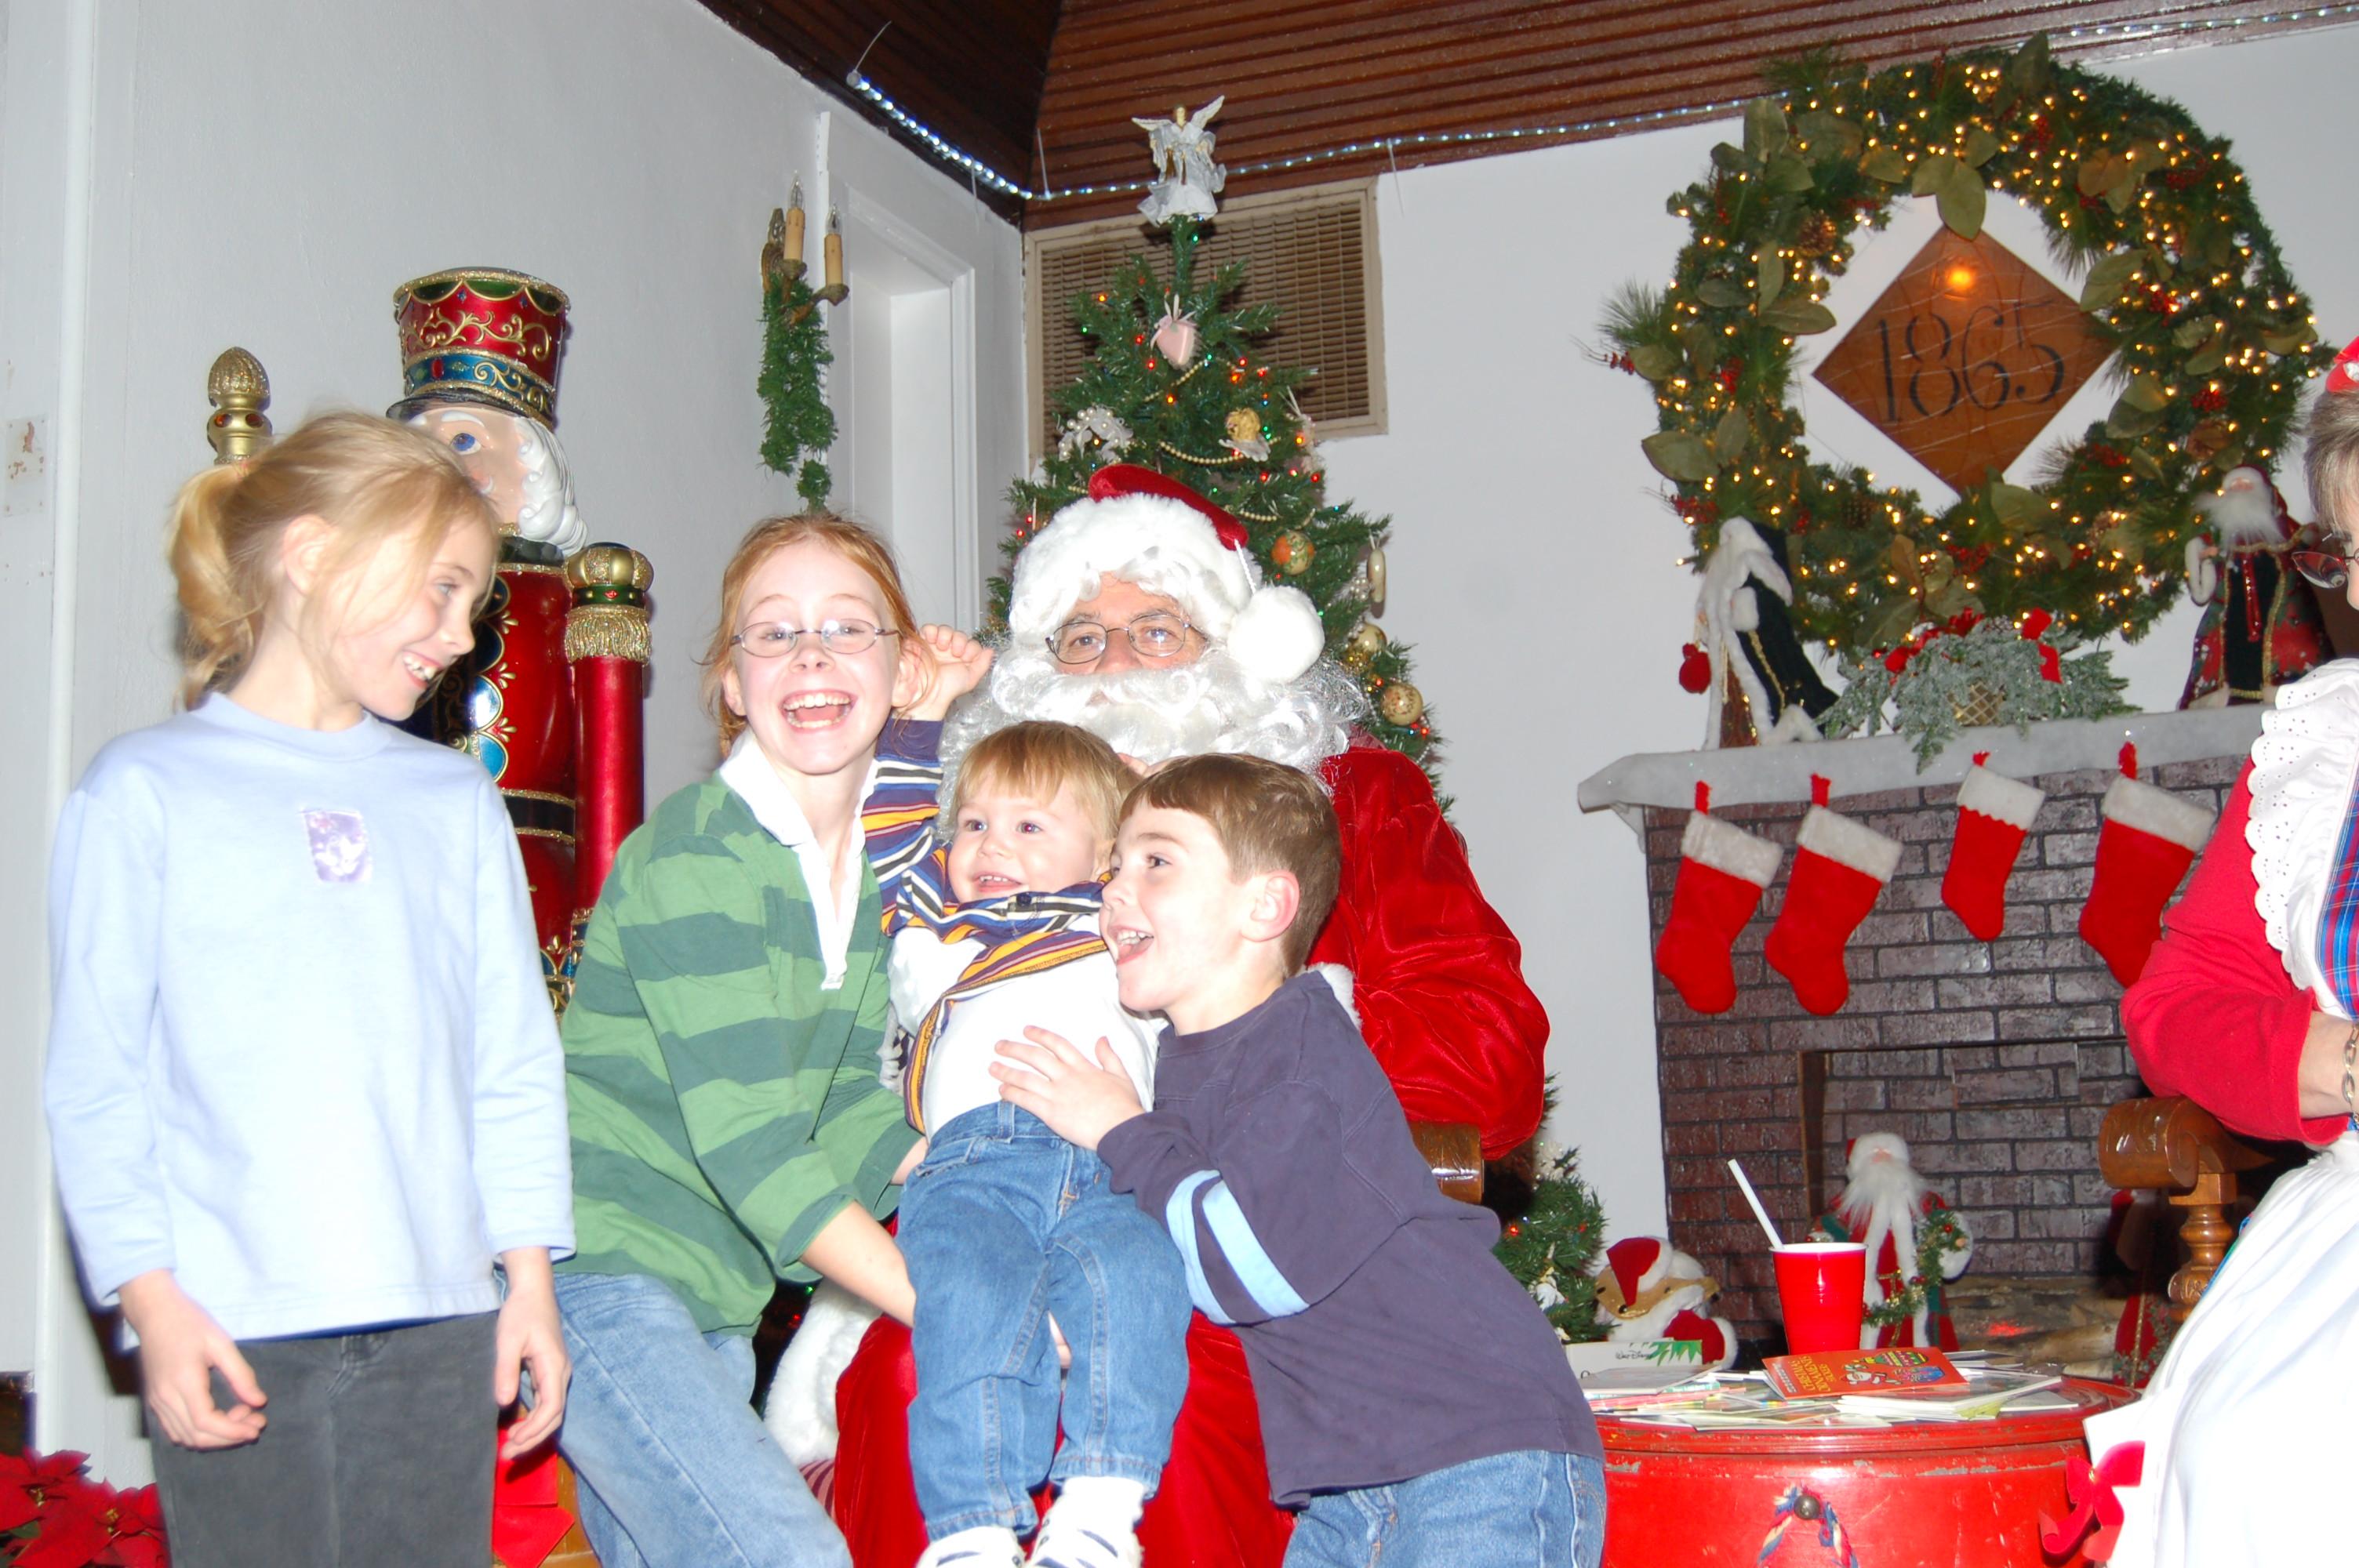 LolliPop+Lane+12-12-2008+Picture+008.jpg